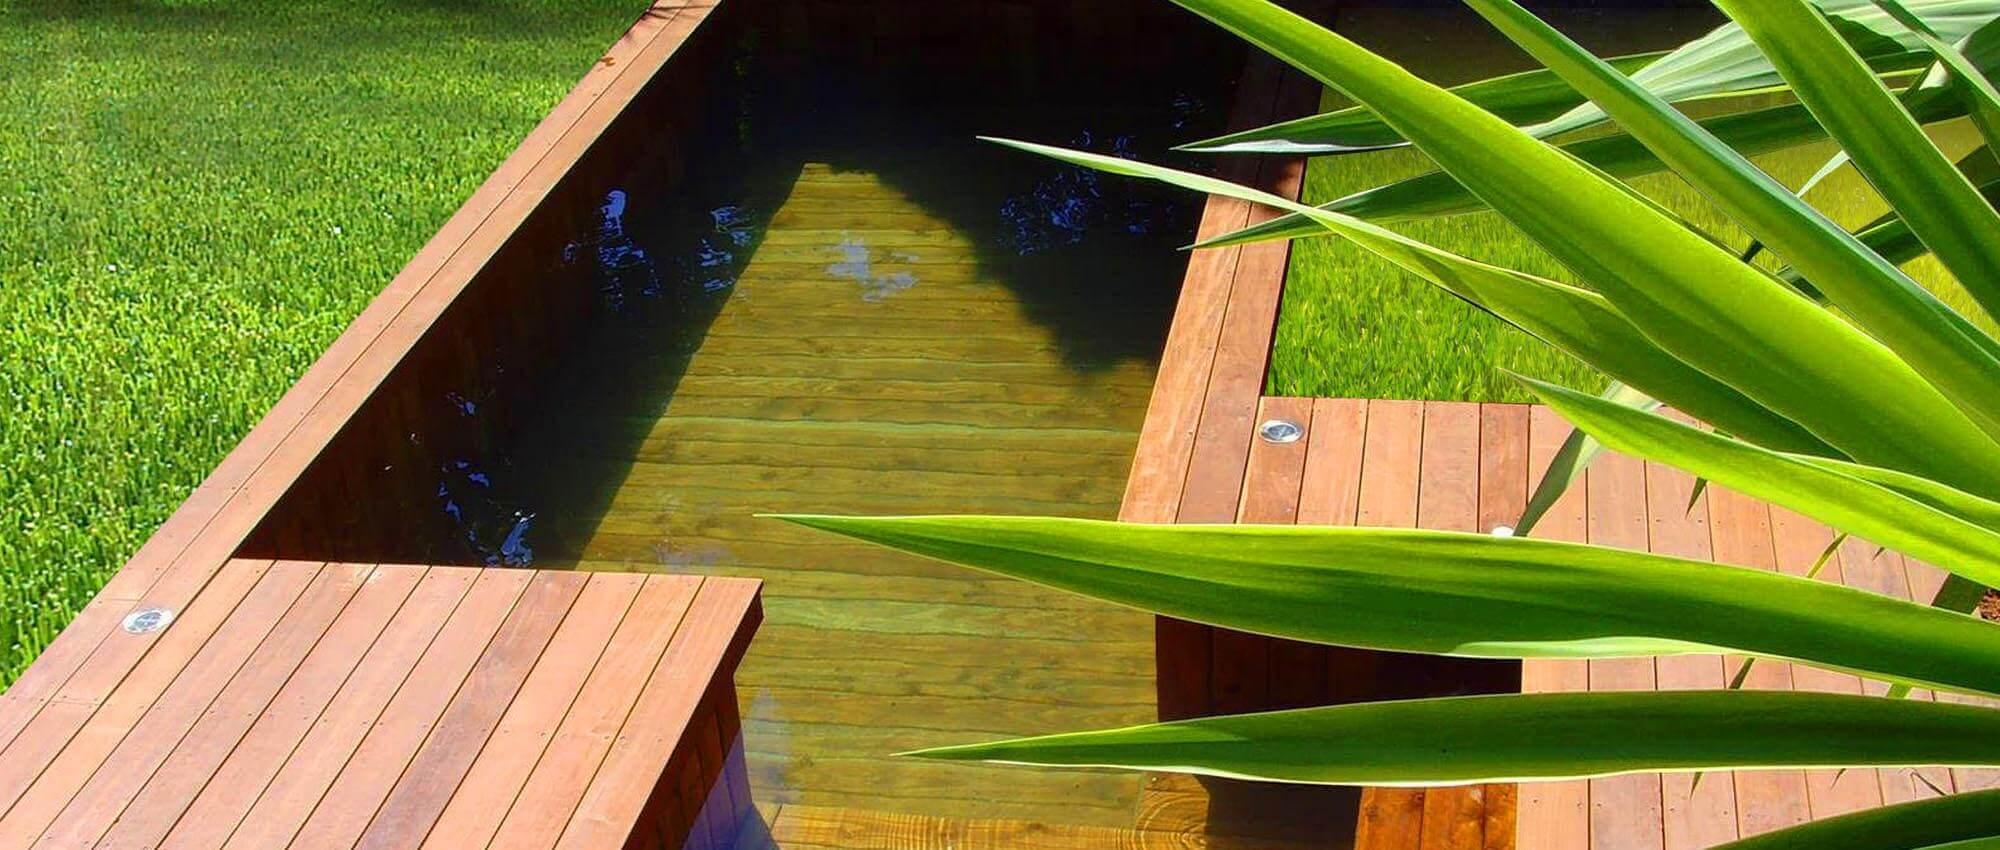 Fabricant piscine et jacuzzi spa sur mesure 100 bois toulon var - Liner sur mesure pas cher ...